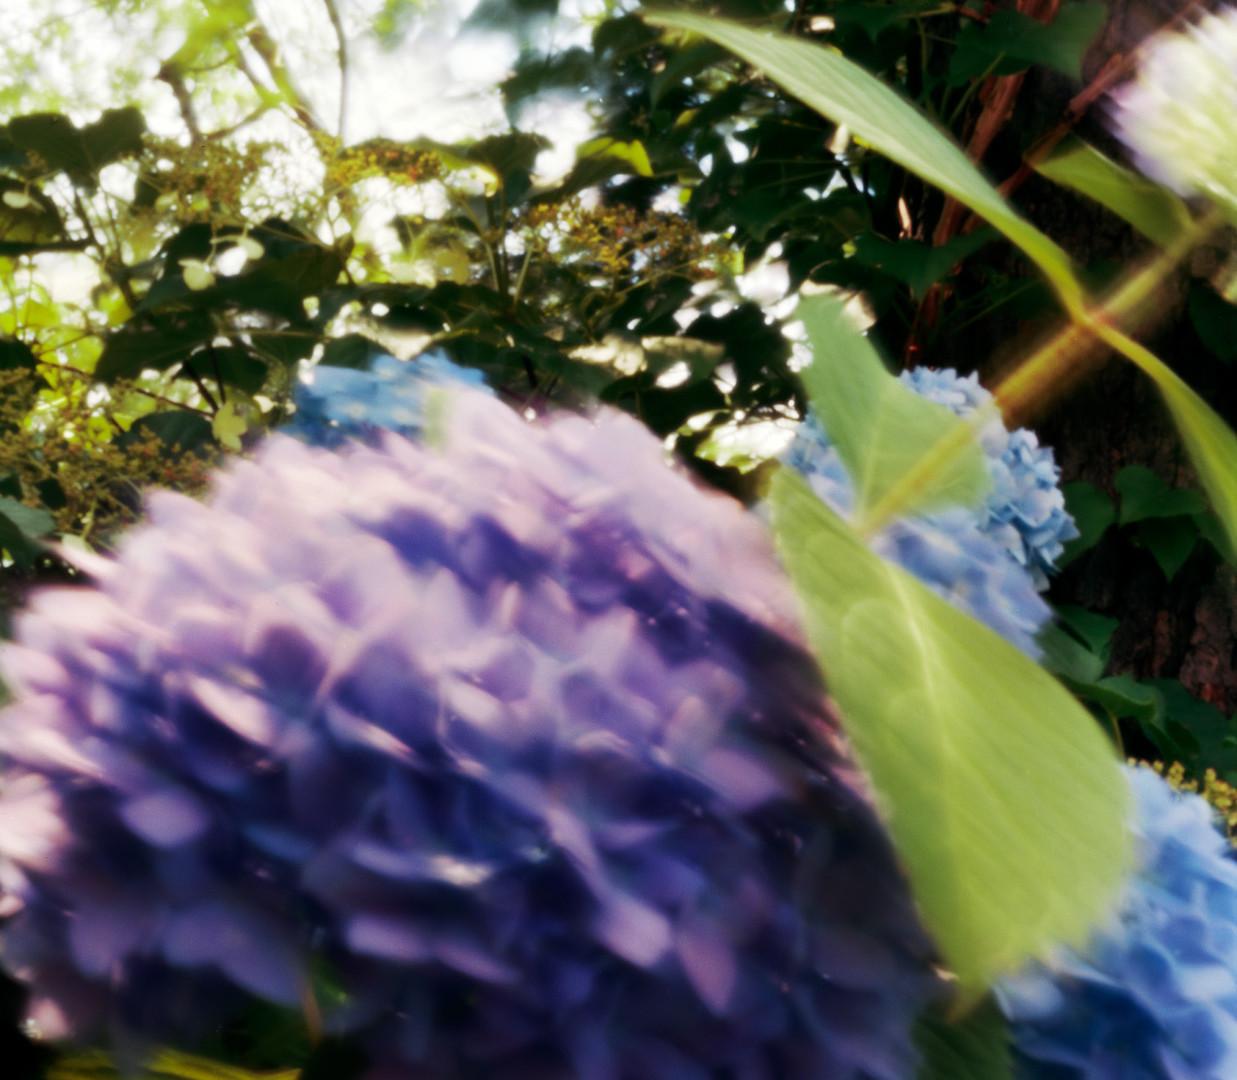 Jocelyn Lee, Untitled pinhole (blue hydrangea), 2008